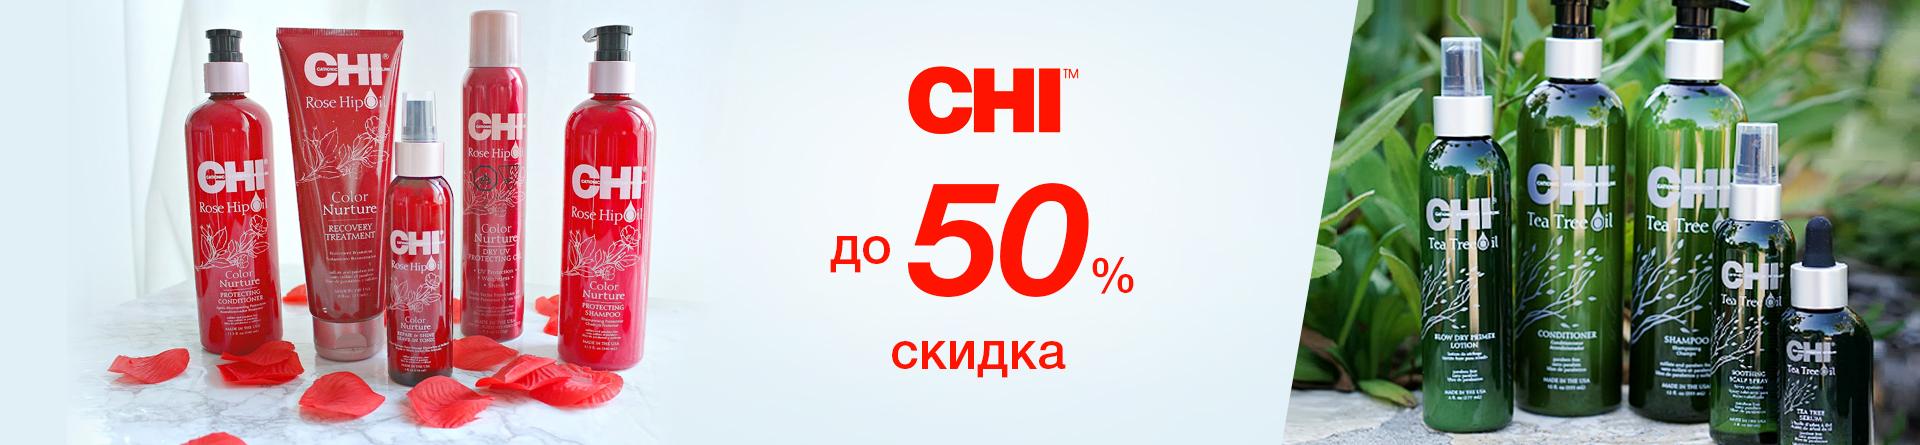 Магазин профессиональной косметики на савеловской